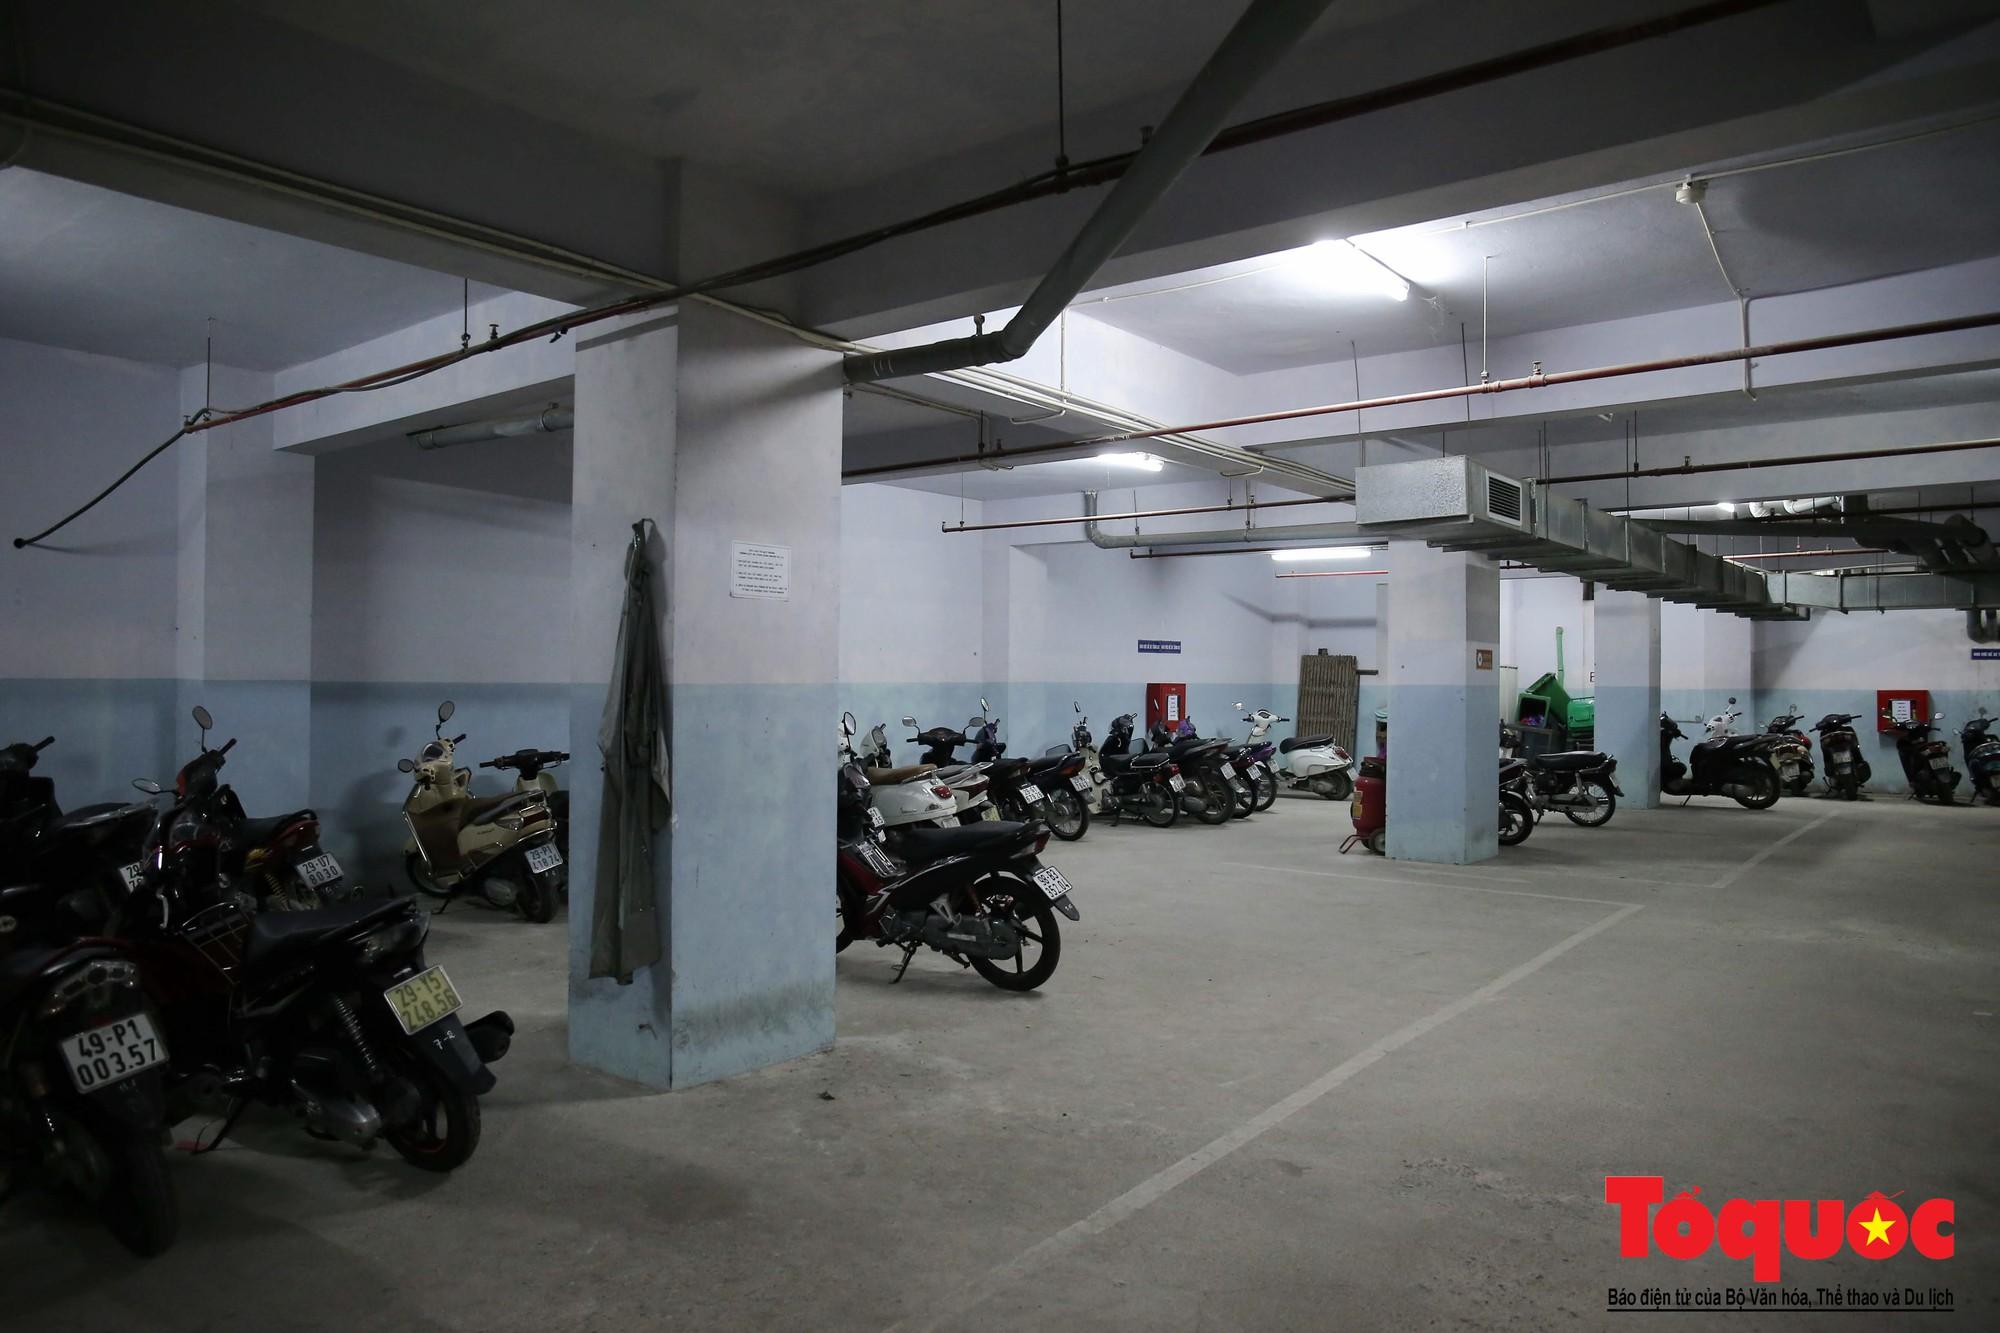 Cám cảnh có nhà mà không thể ở của người dân Hạ Định sau vụ cháy kho Rạng Đông (16)